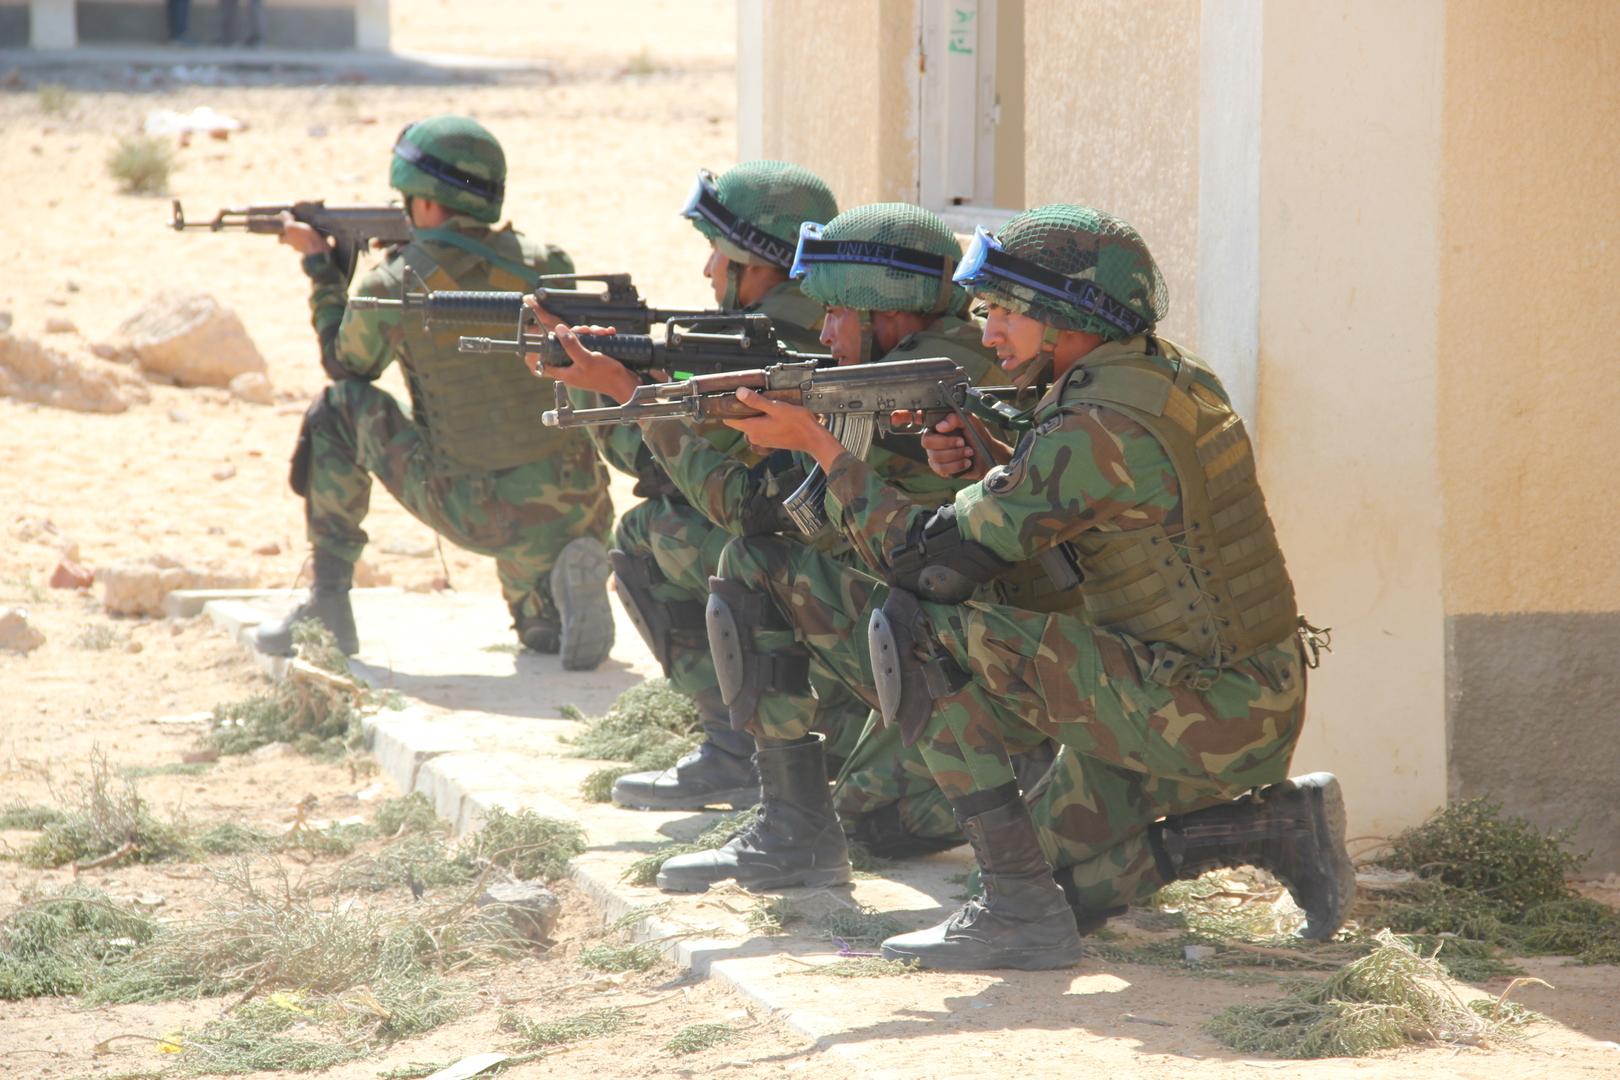 رئيس أركان حرب الجيش المصري يتفقد جاهزية قوات المنطقة الغربية العسكرية قرب ليبيا